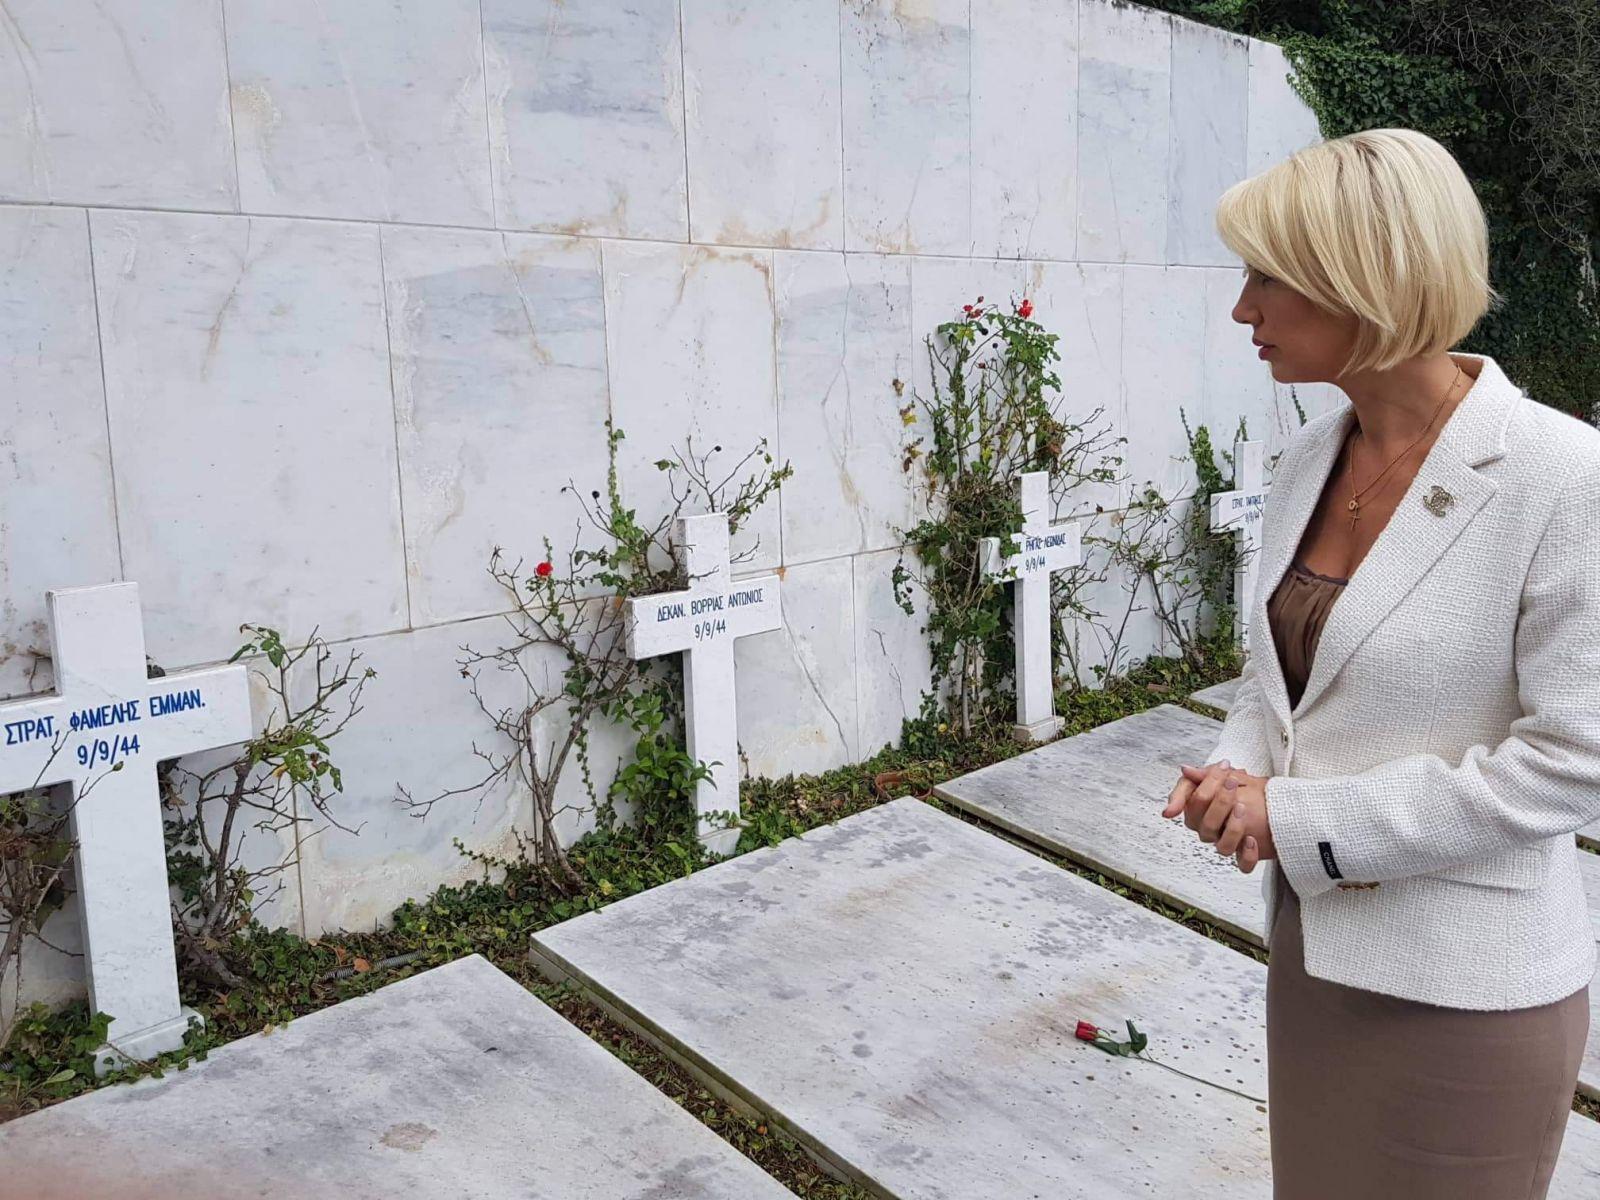 Κατερίνα Μονογυιού: 28 Οκτωβρίου 1940,  79 χρόνια από την ημέρα που γράφτηκε το ΟΧΙ των Ελλήνων στην παγκόσμια ιστορία.